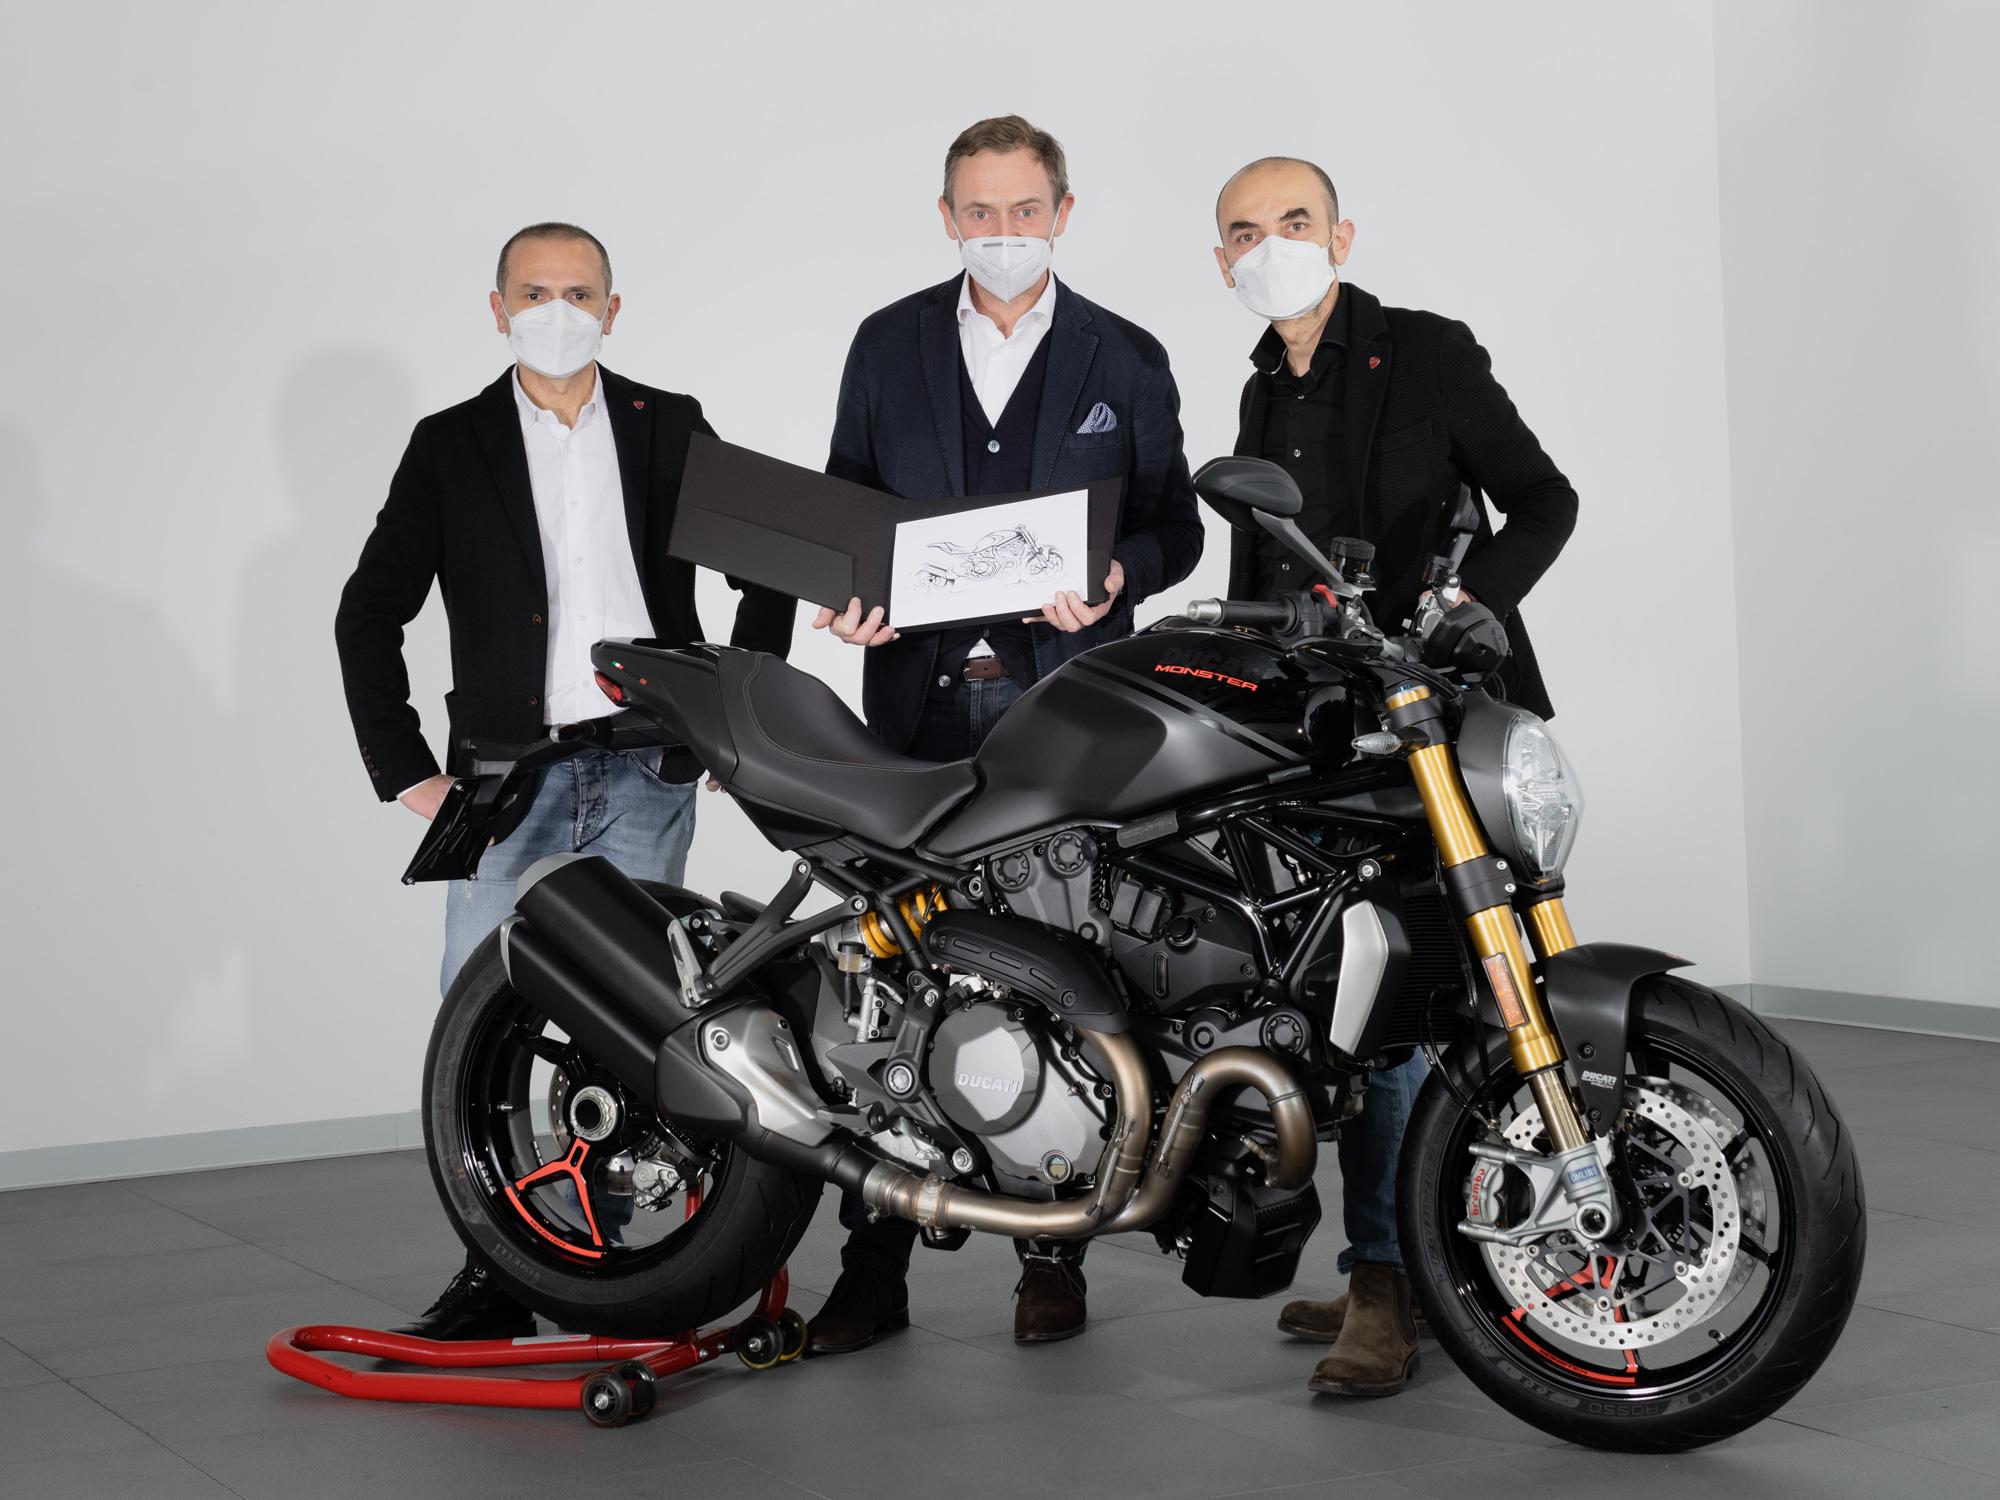 Tämä on eniten koskaan valmistettu Ducati-malli  jo...